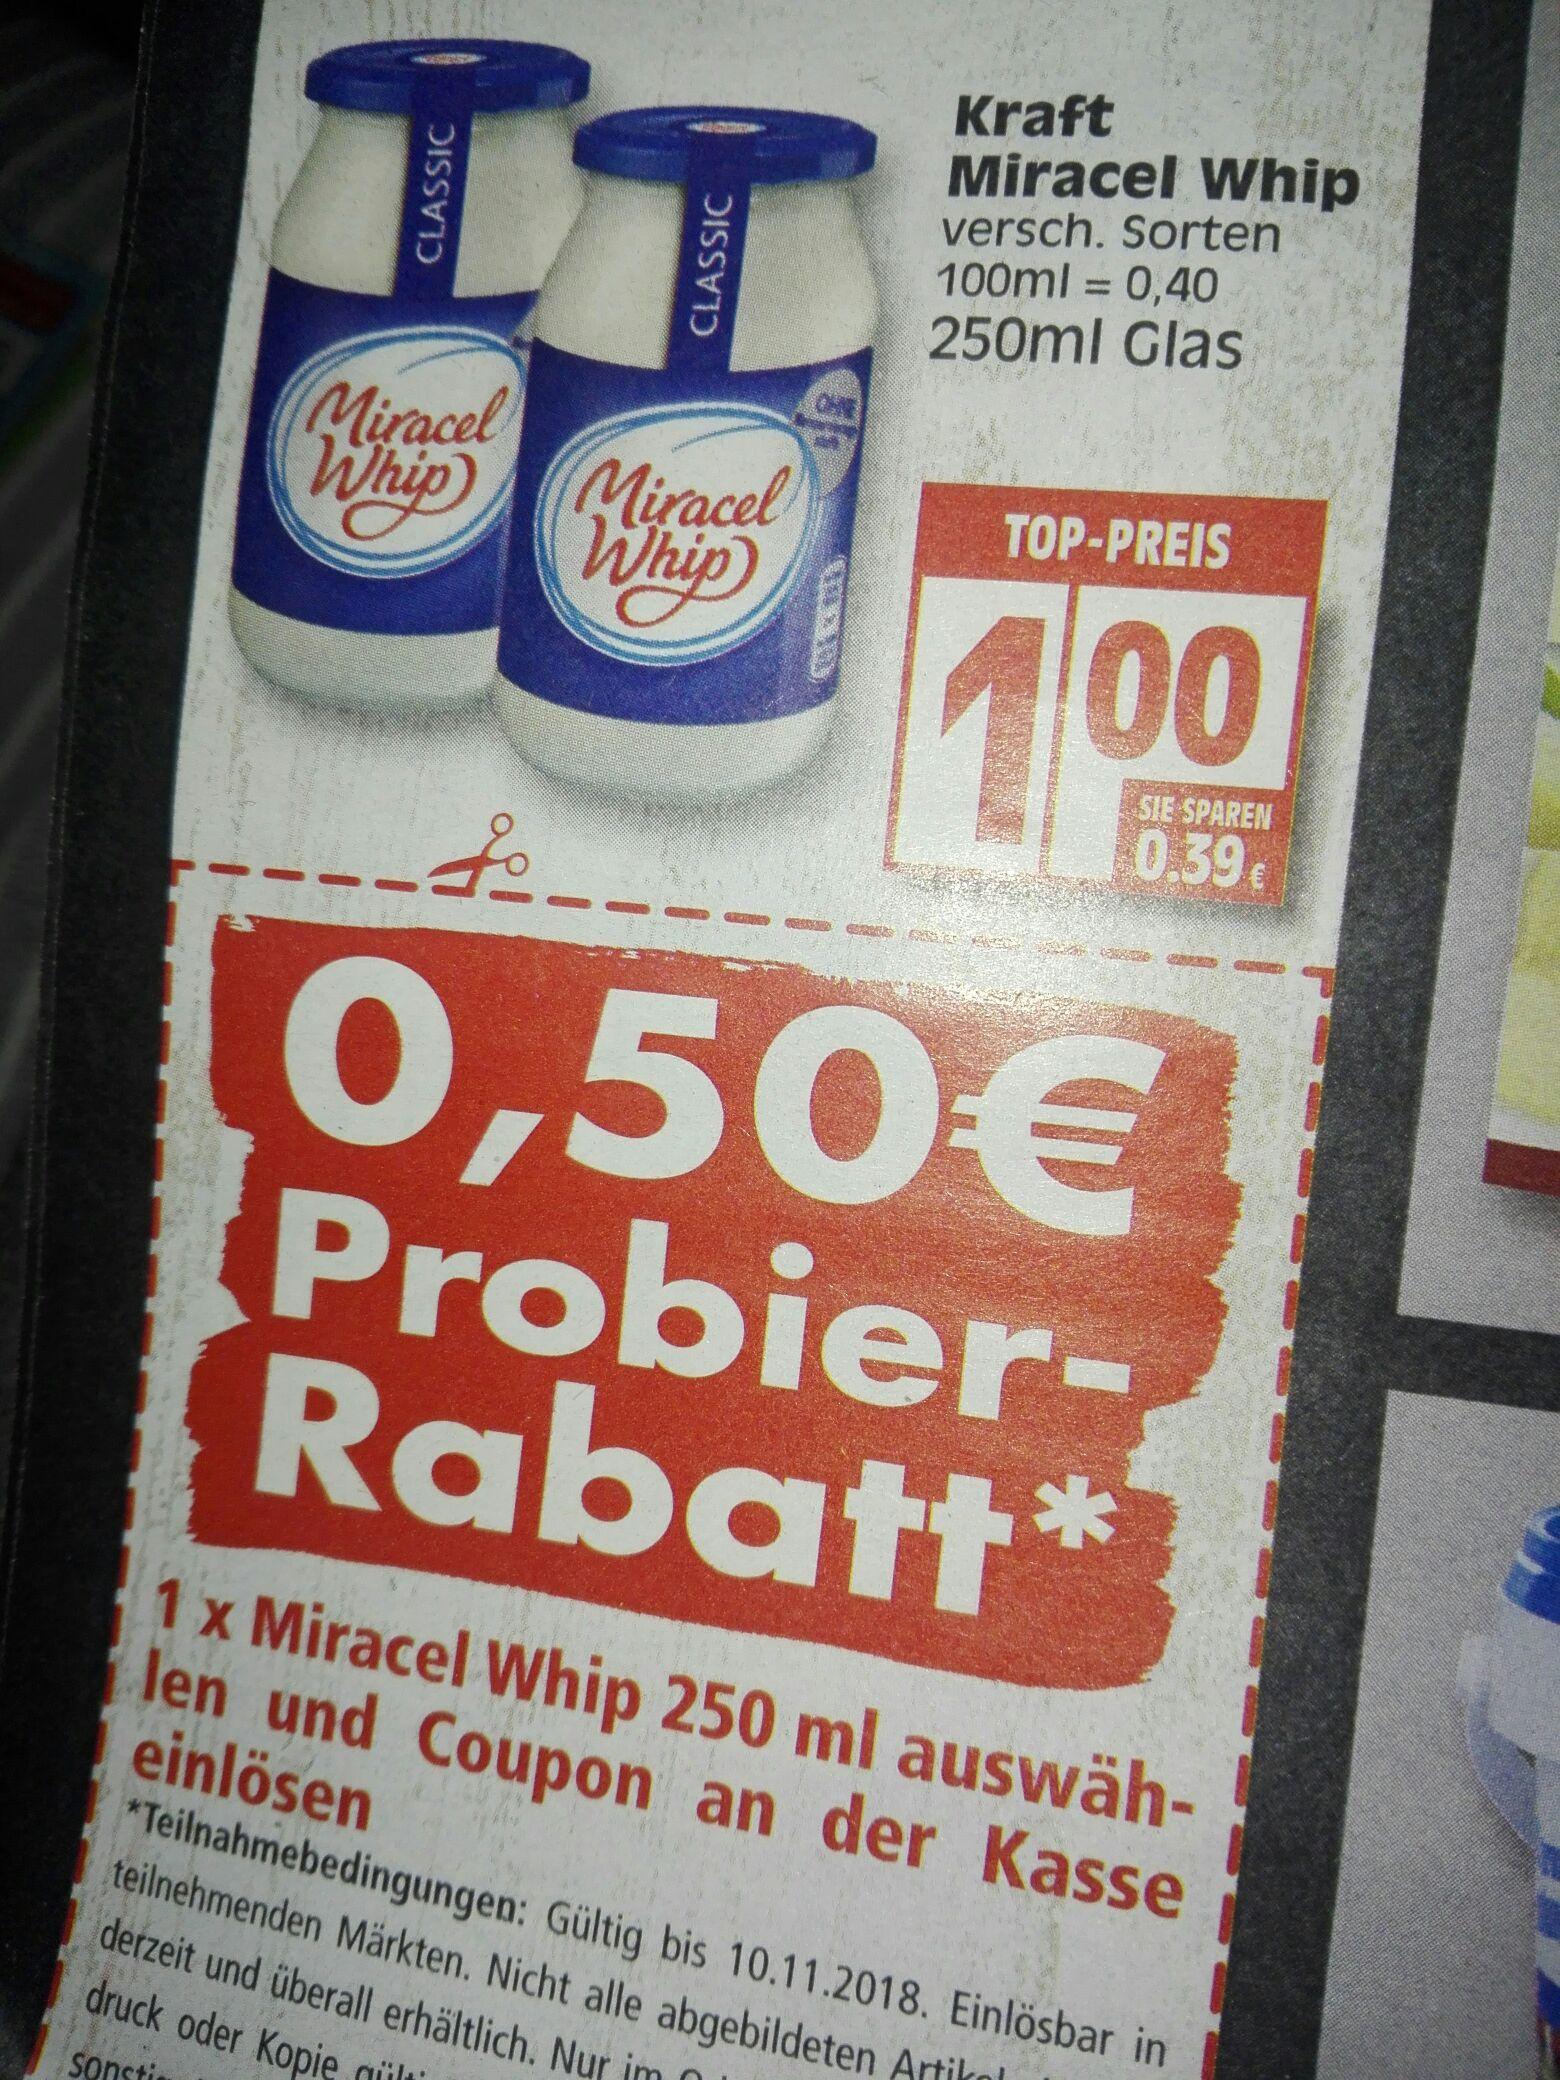 (EDEKA BERLIN LOKAL) Kraft Miracel Whip 250ml Glas